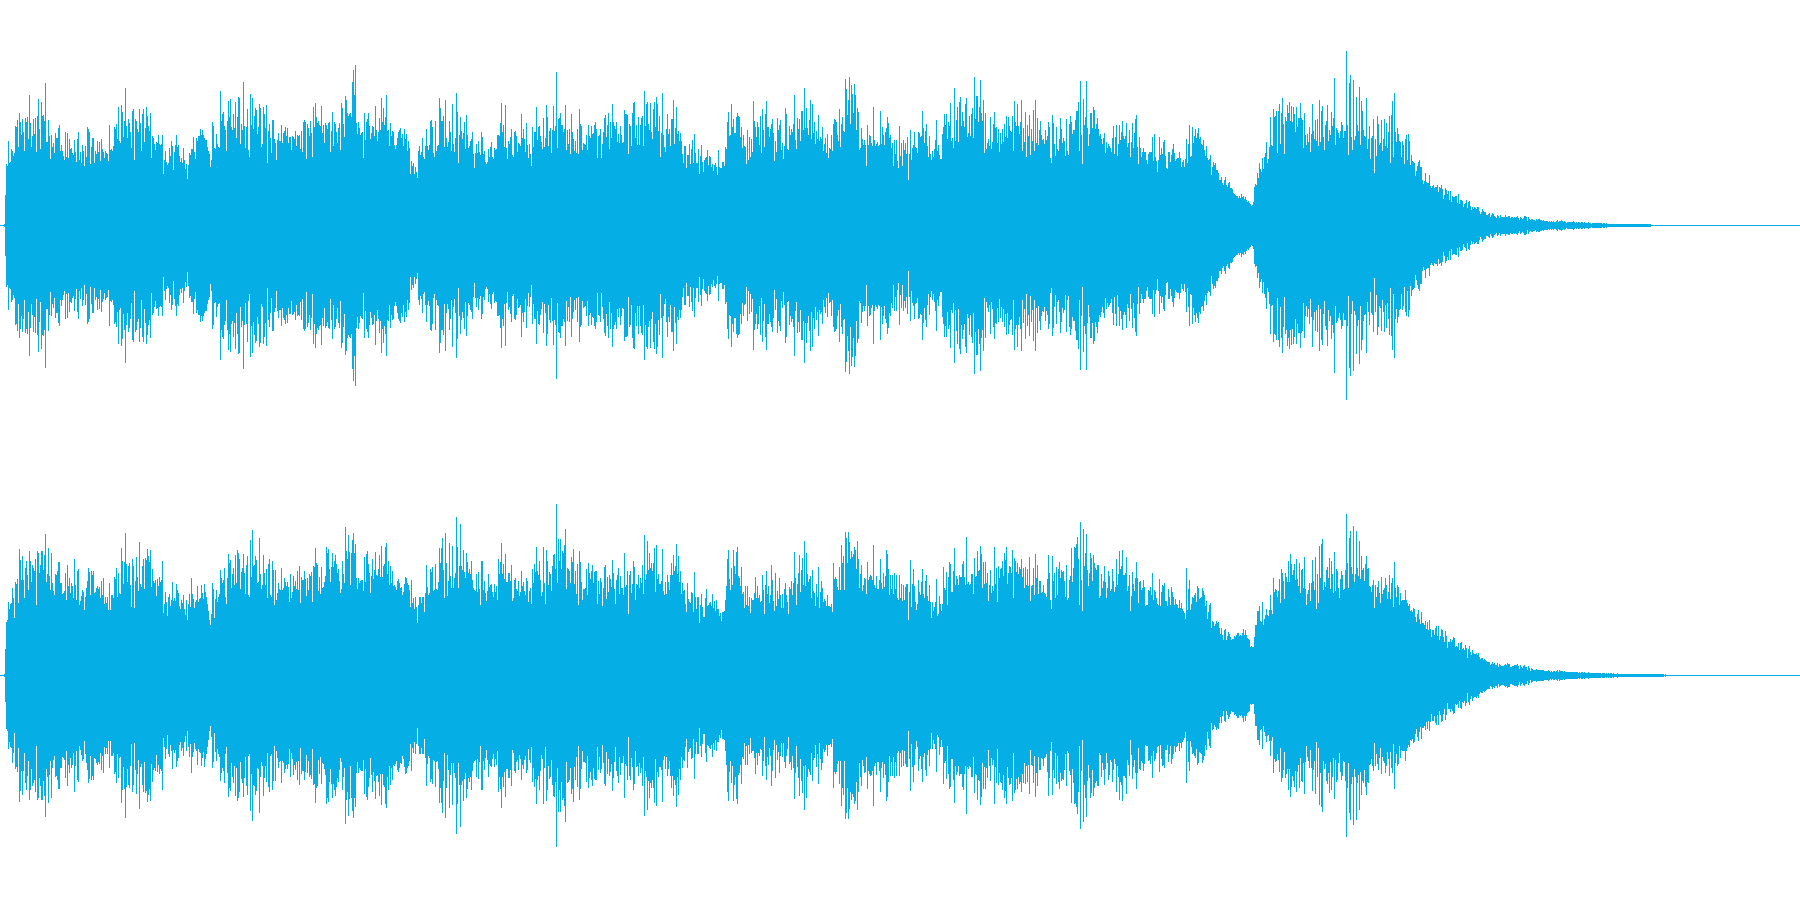 チェンバロ(ハープシコード)のジングルの再生済みの波形